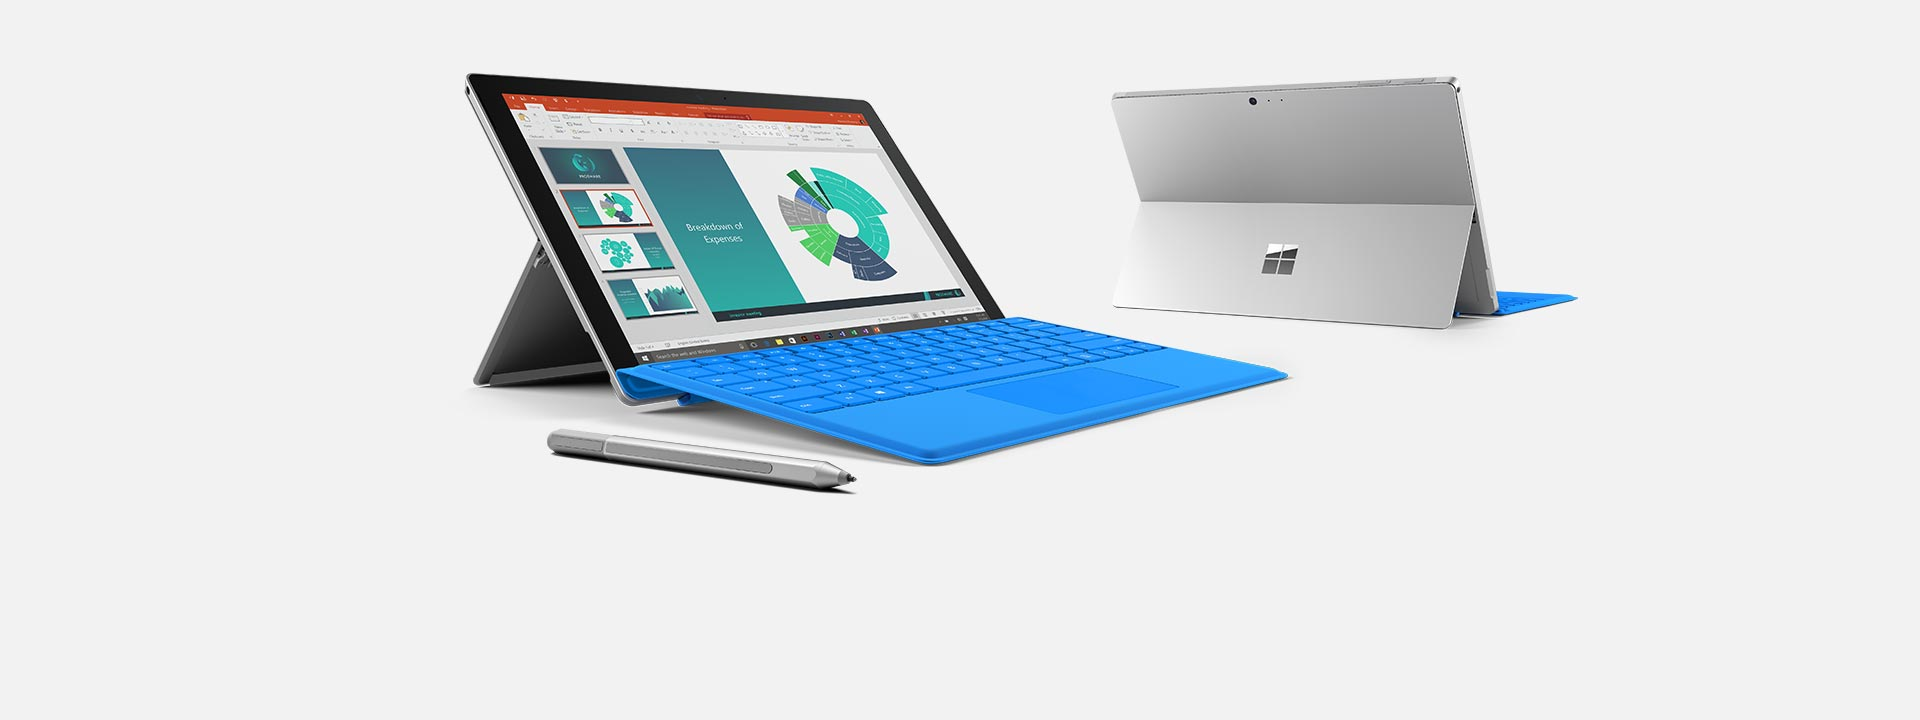 Poznaj urządzenia Surface Pro 4